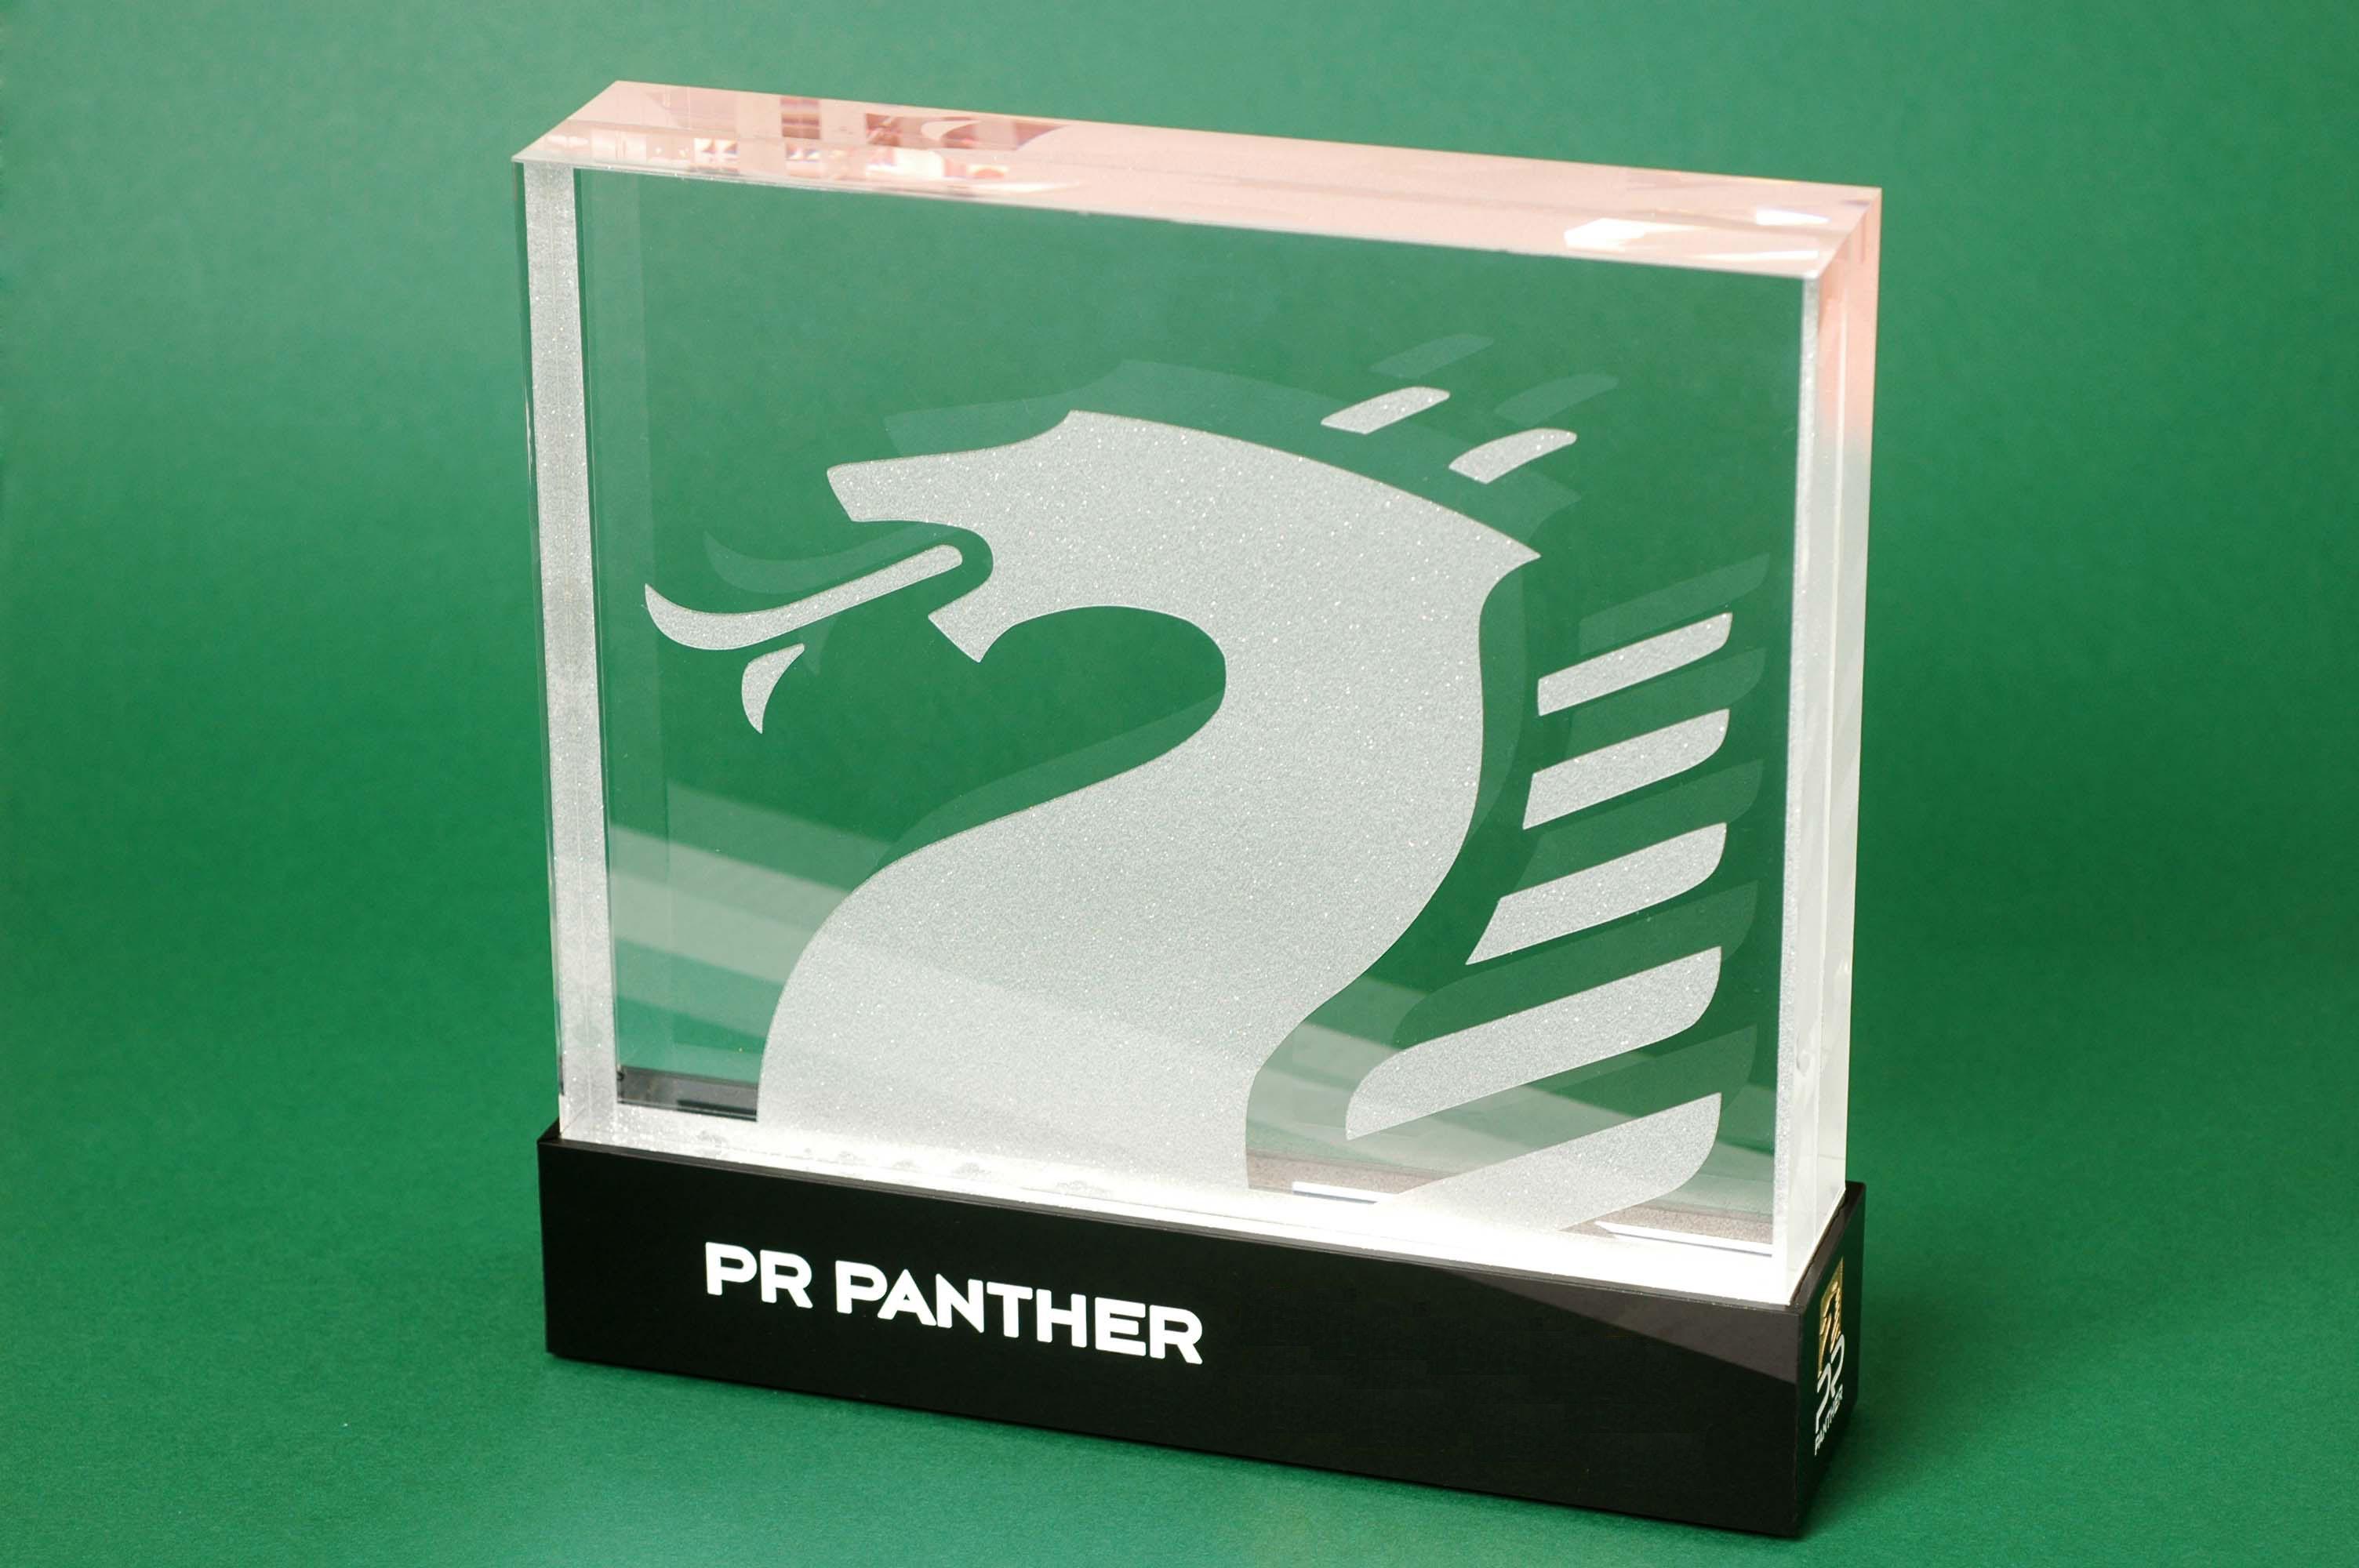 PR Panther Steiermark